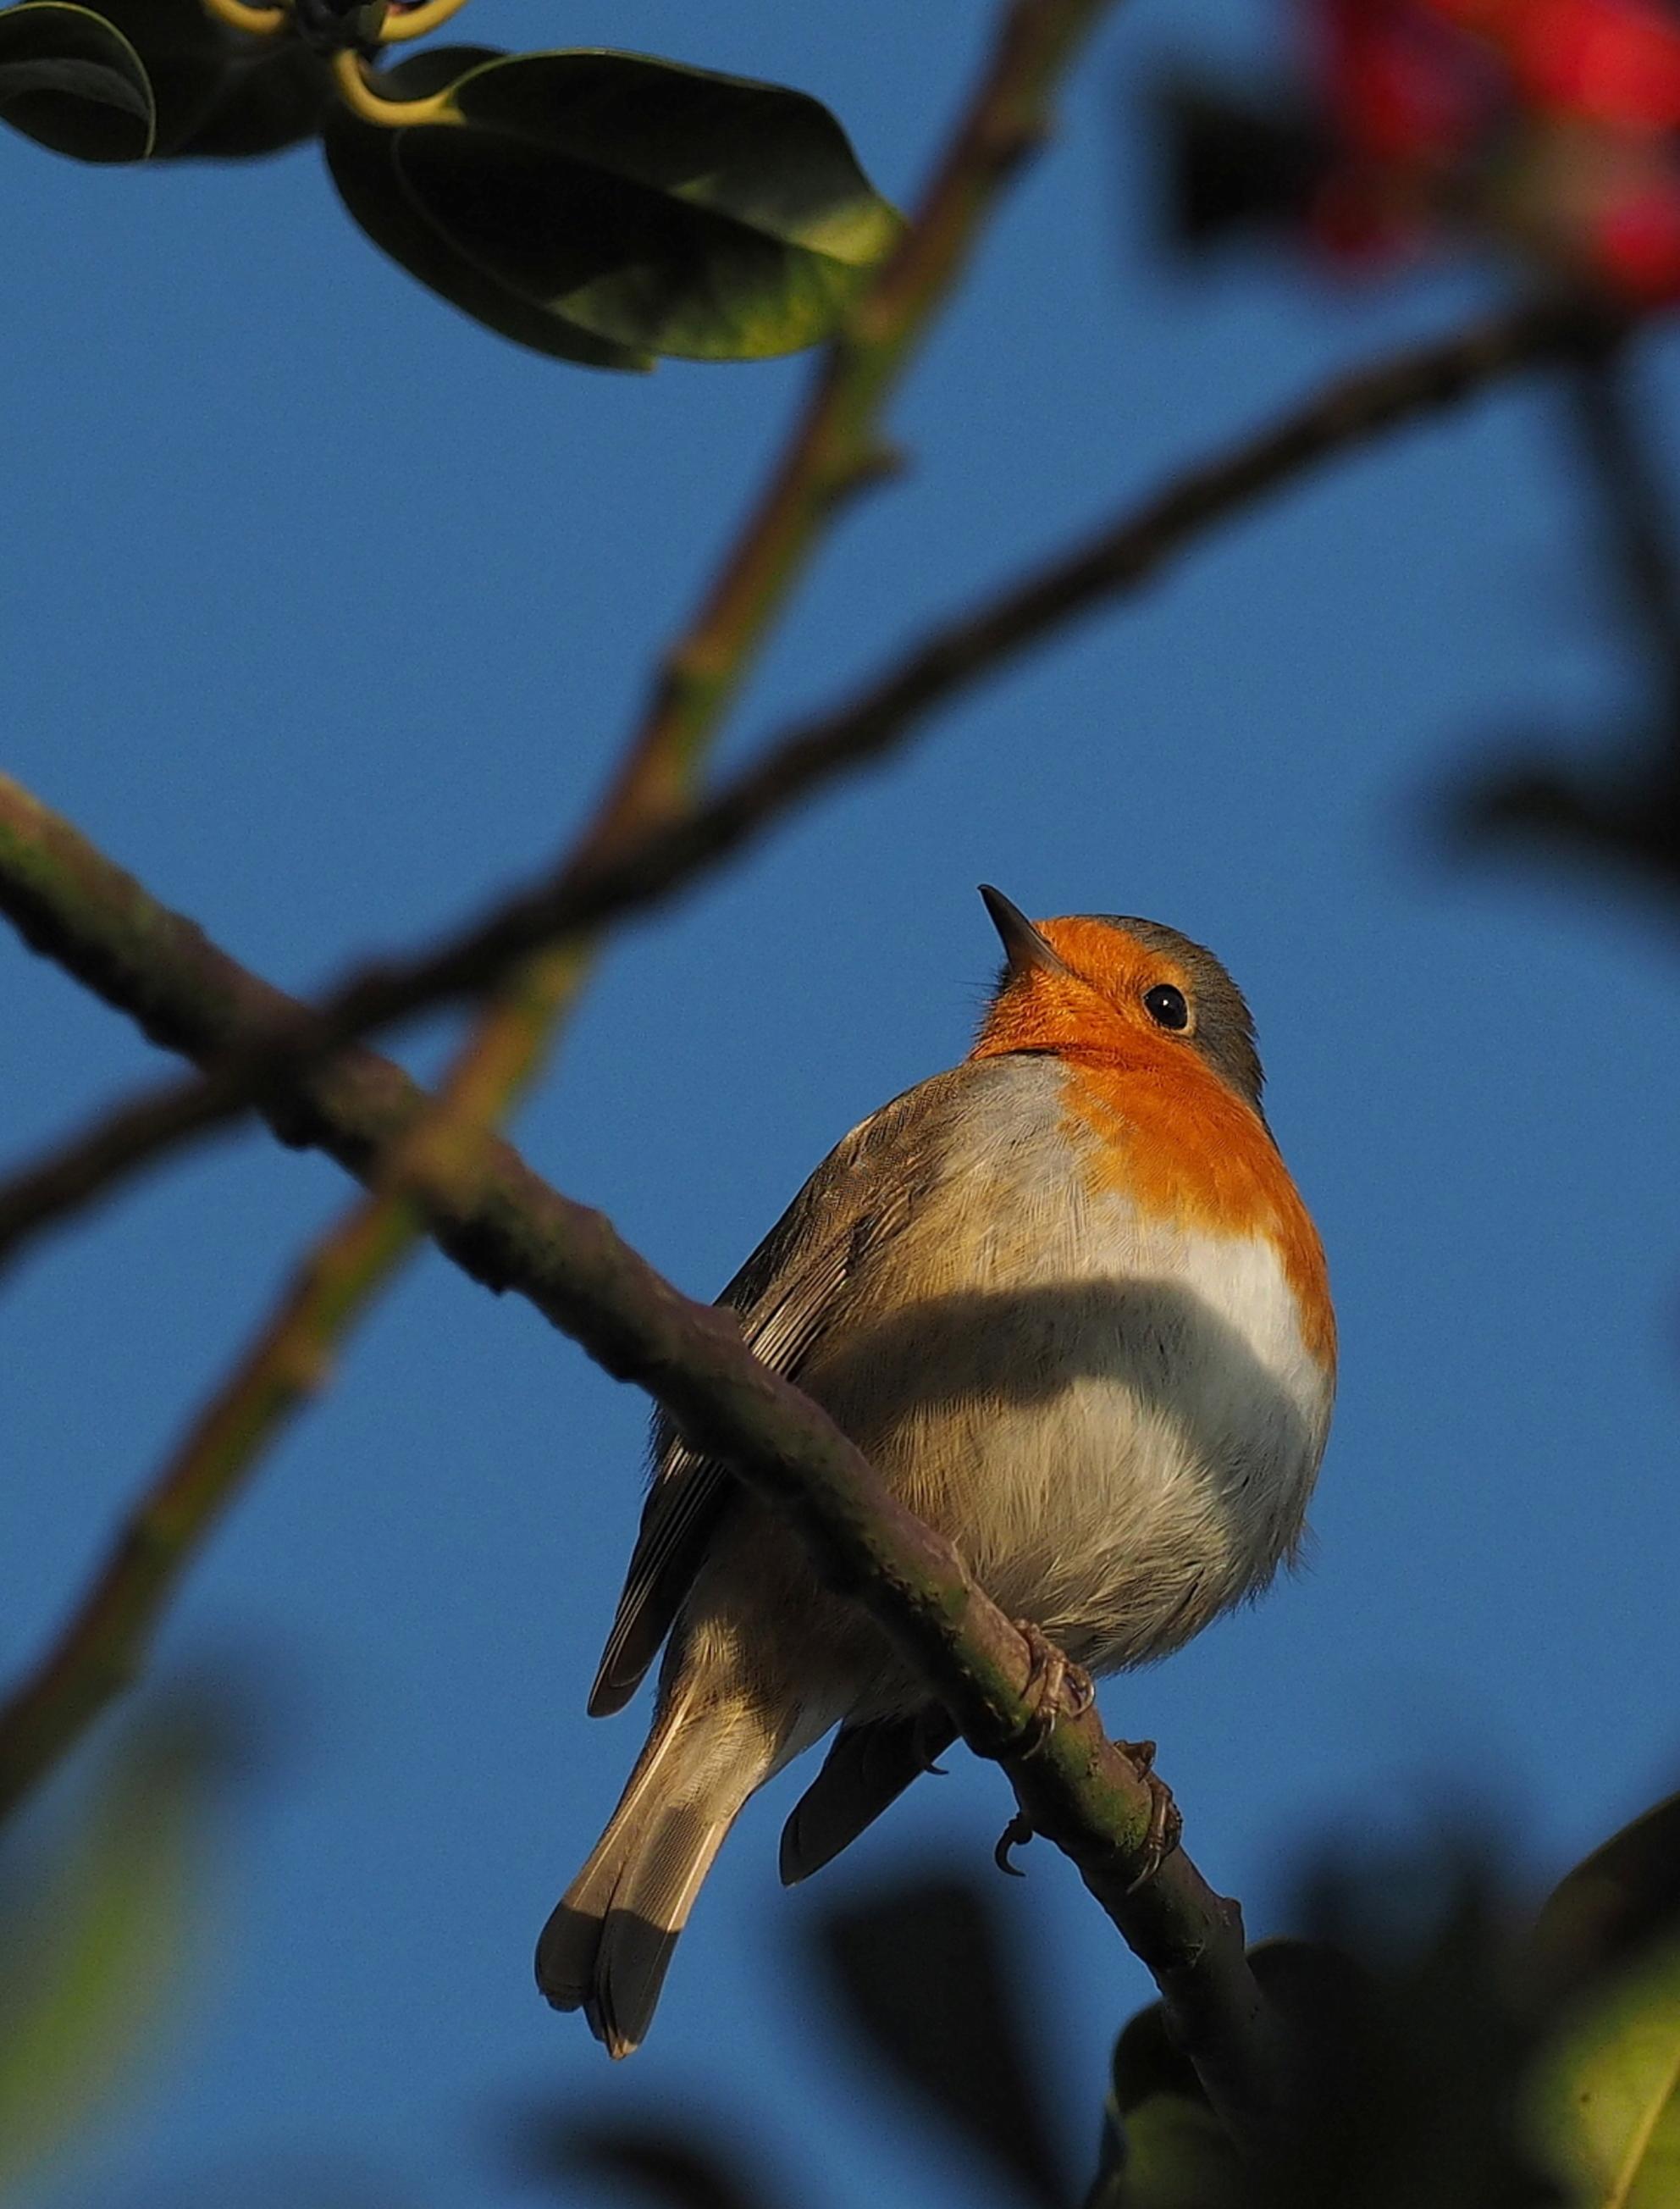 De Baas. - Hij regeert in de tuin..wonderlijk - foto door pietsnoeier op 28-11-2016 - deze foto bevat: natuur, roodborstje, tuin, winter, wildlife - Deze foto mag gebruikt worden in een Zoom.nl publicatie